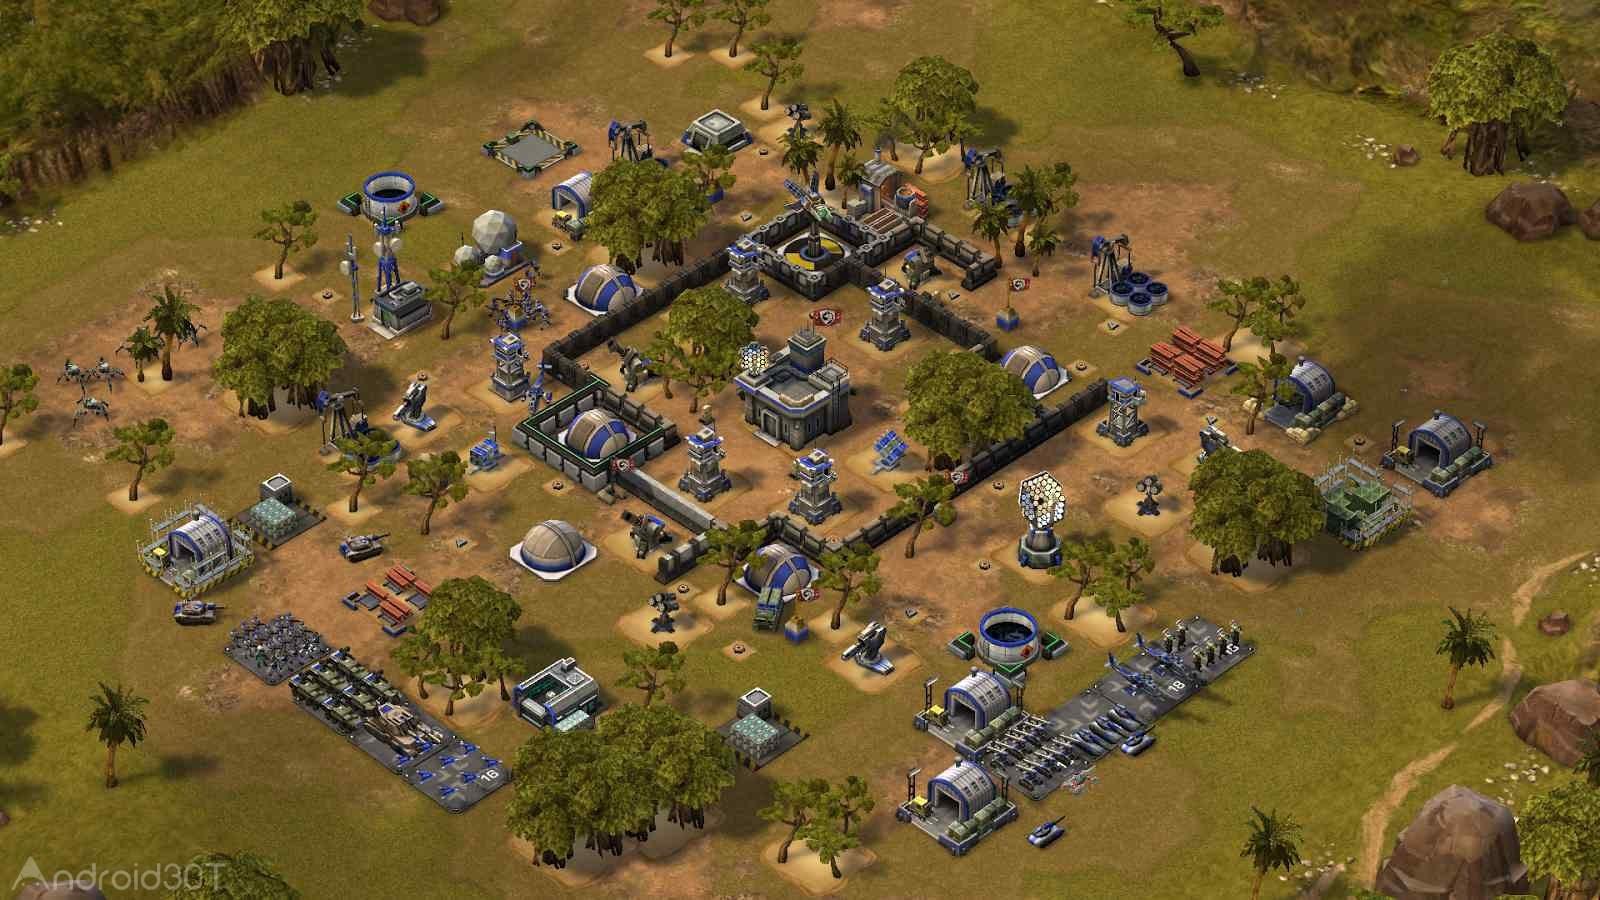 دانلود Empires and Allies 1.110.1450040 – بازی استراتژیکی آنلاین اندروید